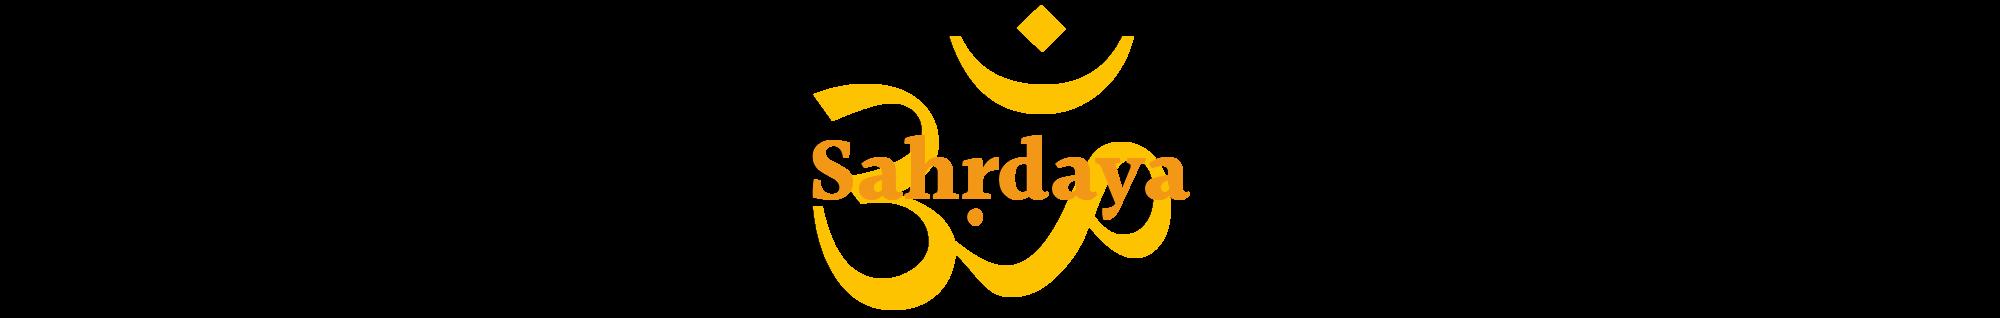 Sahrdaya